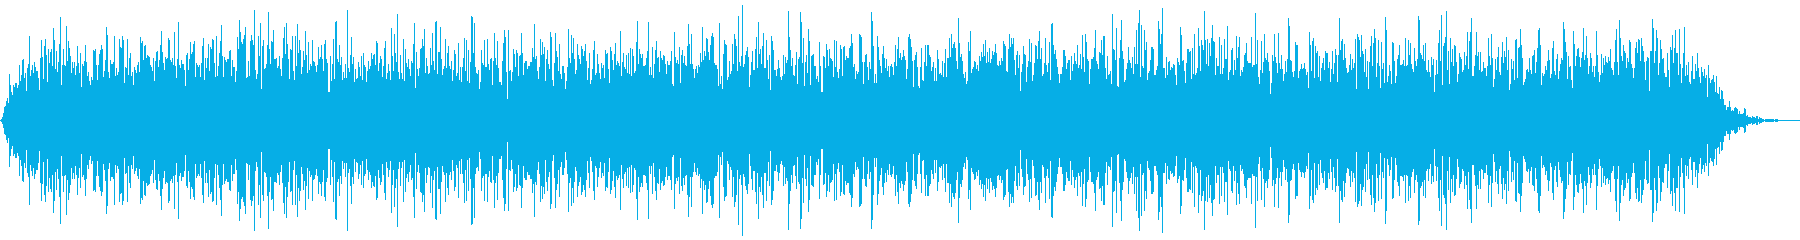 【アンビエント】ドローン_02 実験音の再生済みの波形